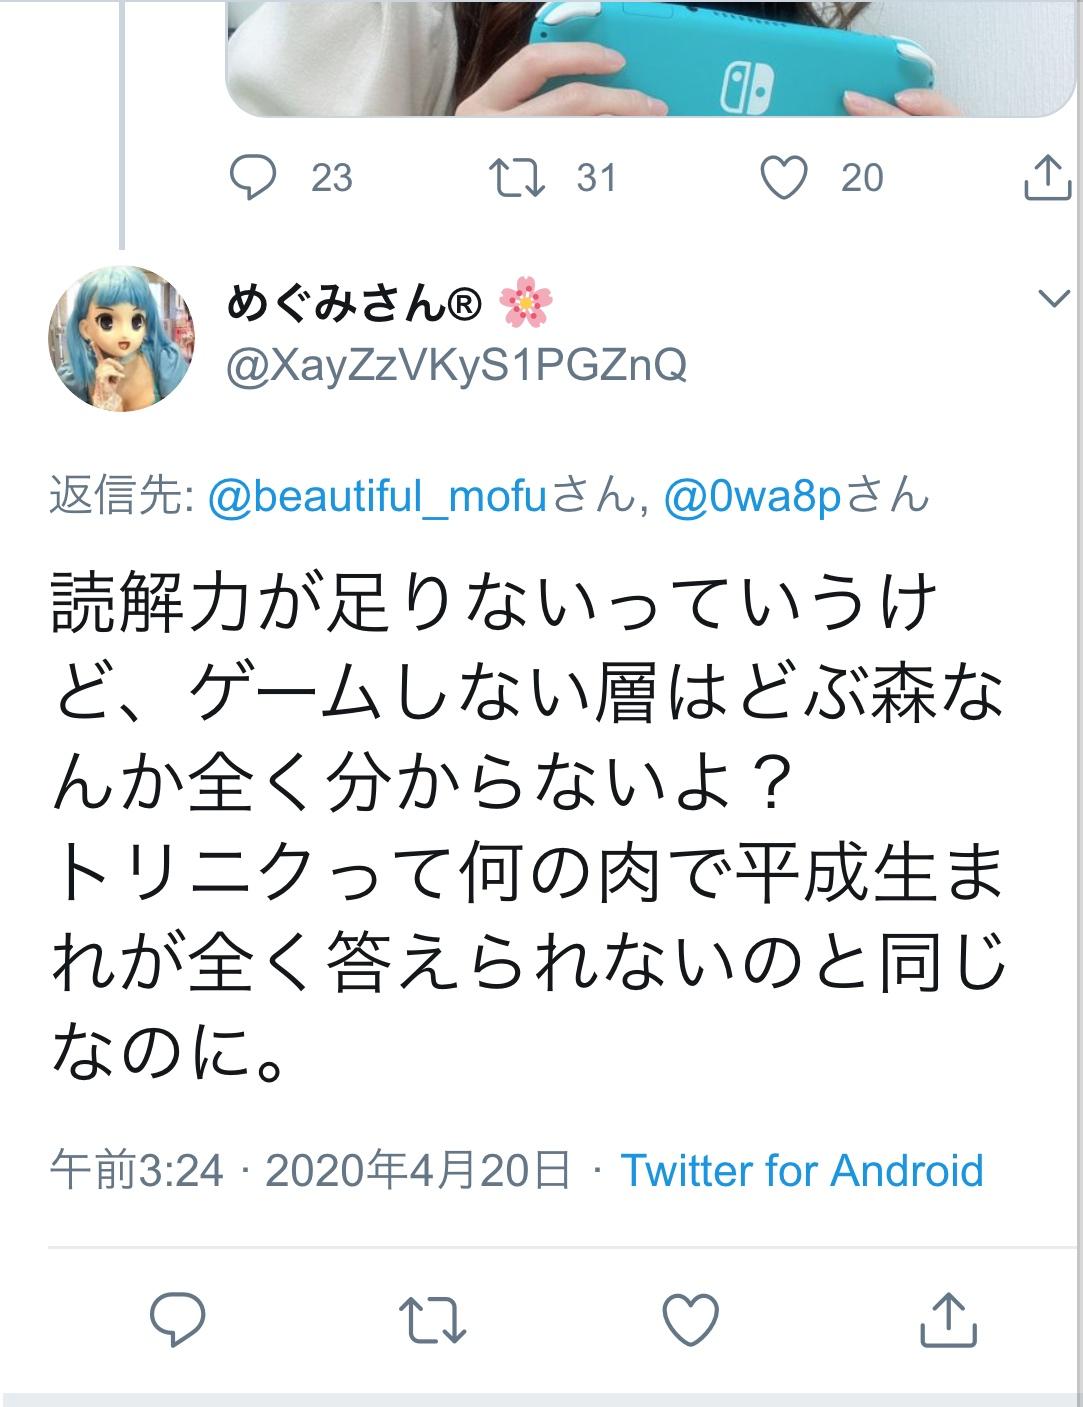 ee79ba35 - アナウンサーの柴田阿弥さん、どうぶつの森で弟の島に行っただけで不要不急の外出だと叩かれる